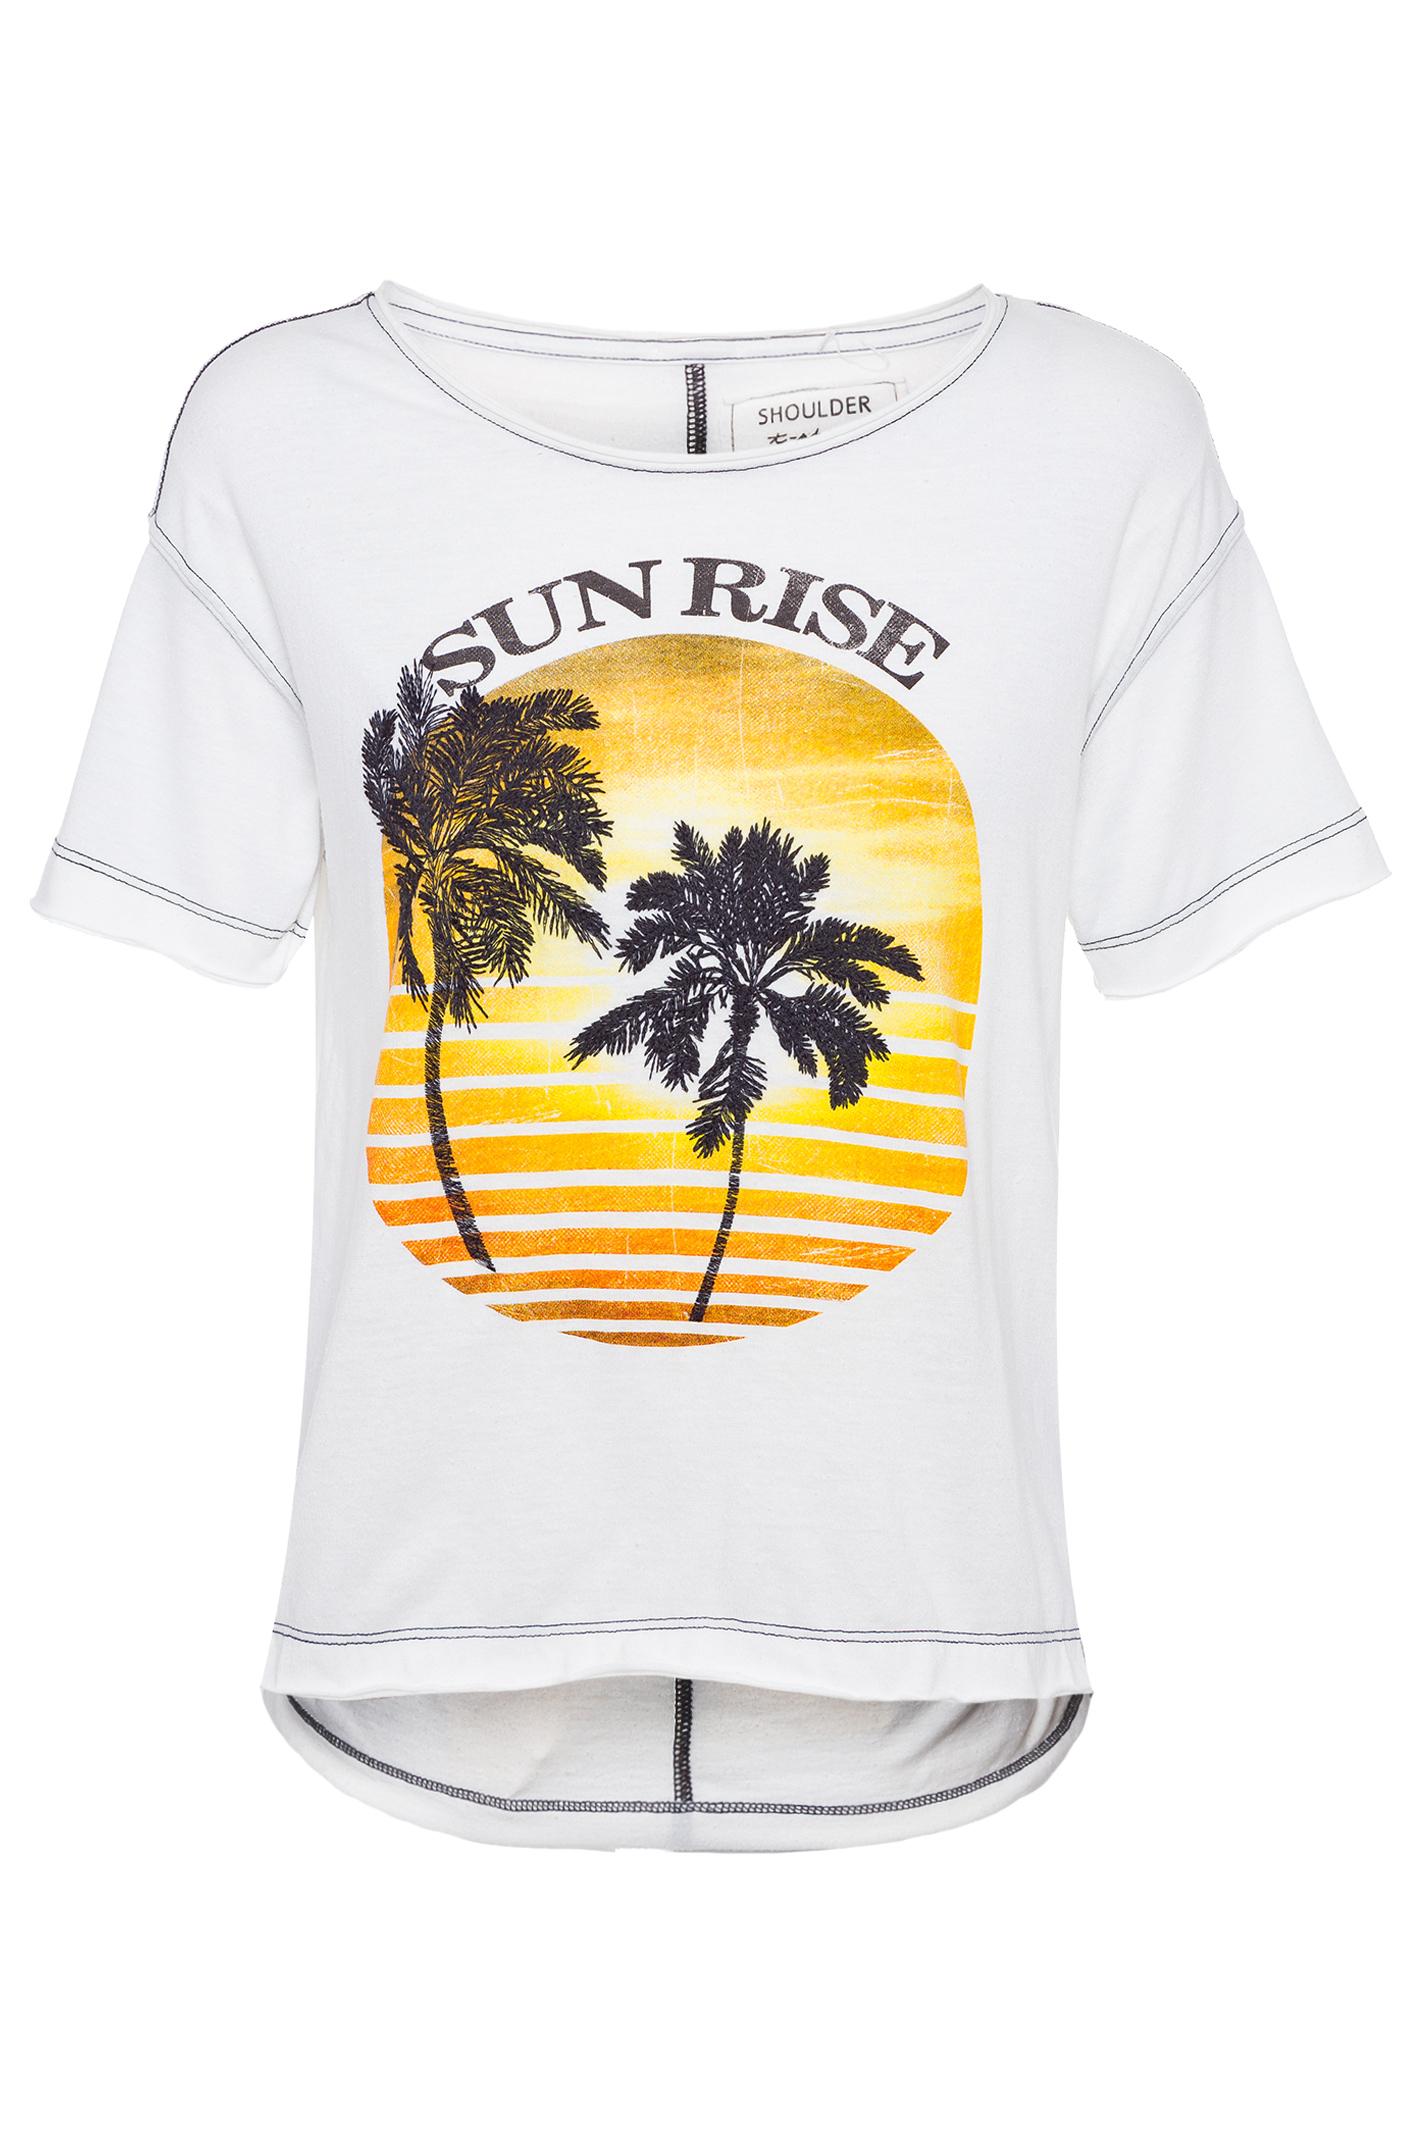 T-Shirt Coqueiro Sunrise